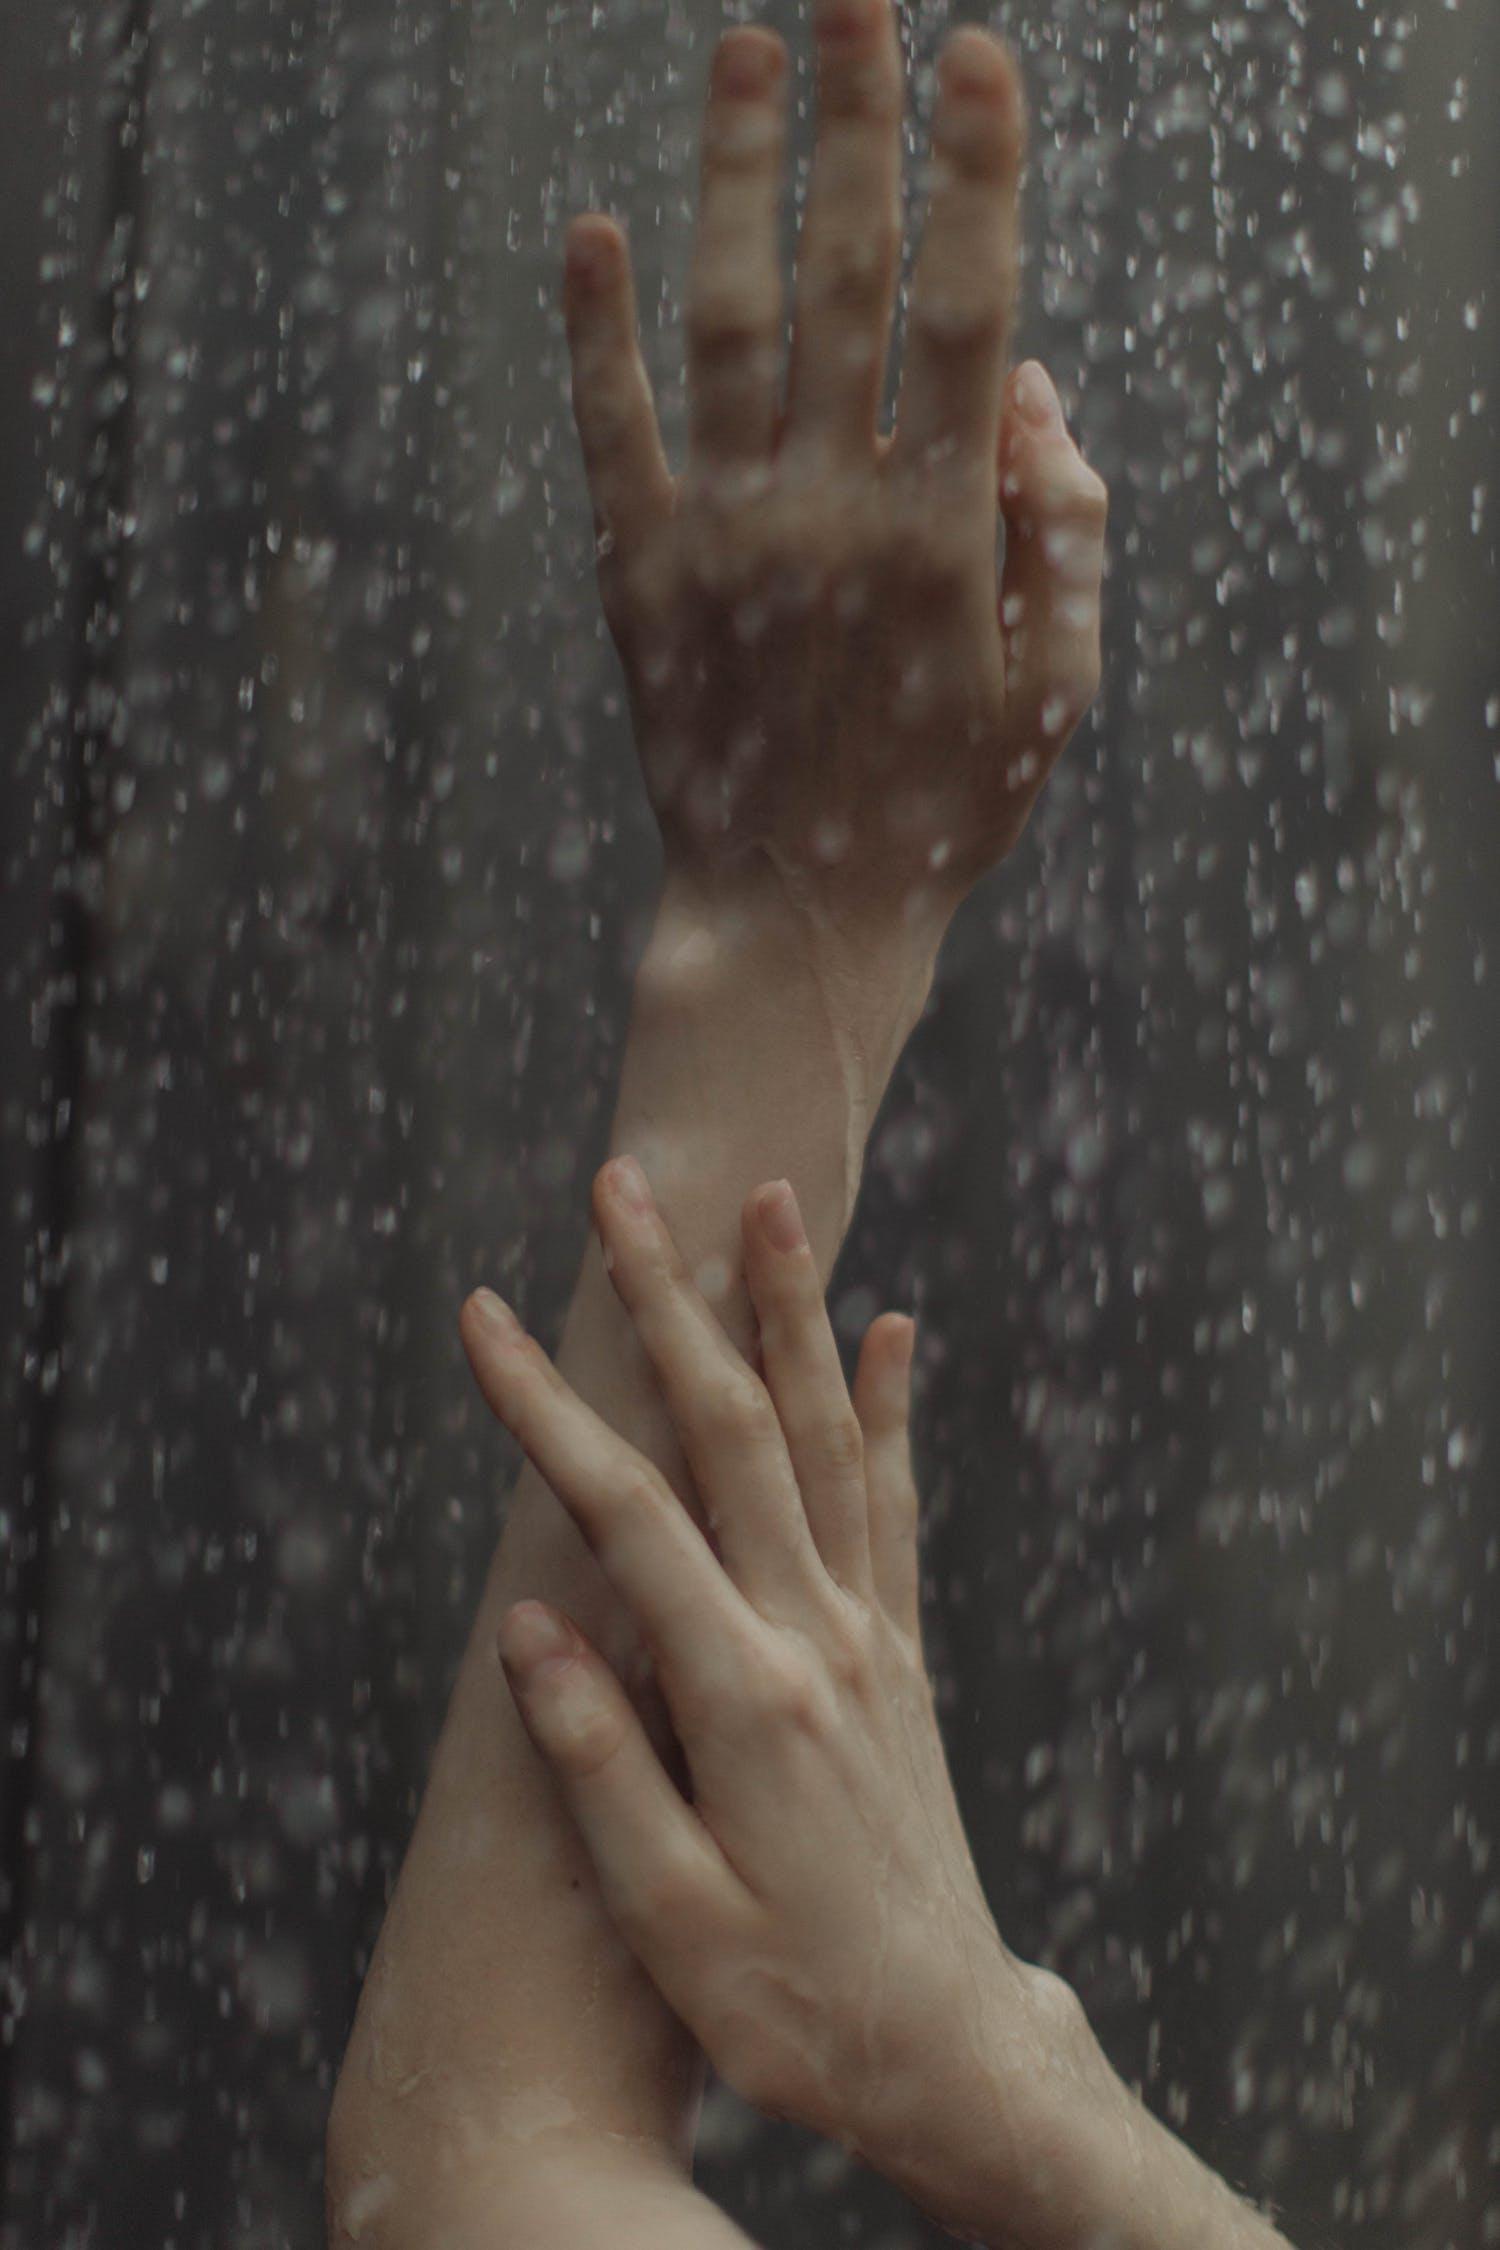 Close-Up Shot of Wet hands